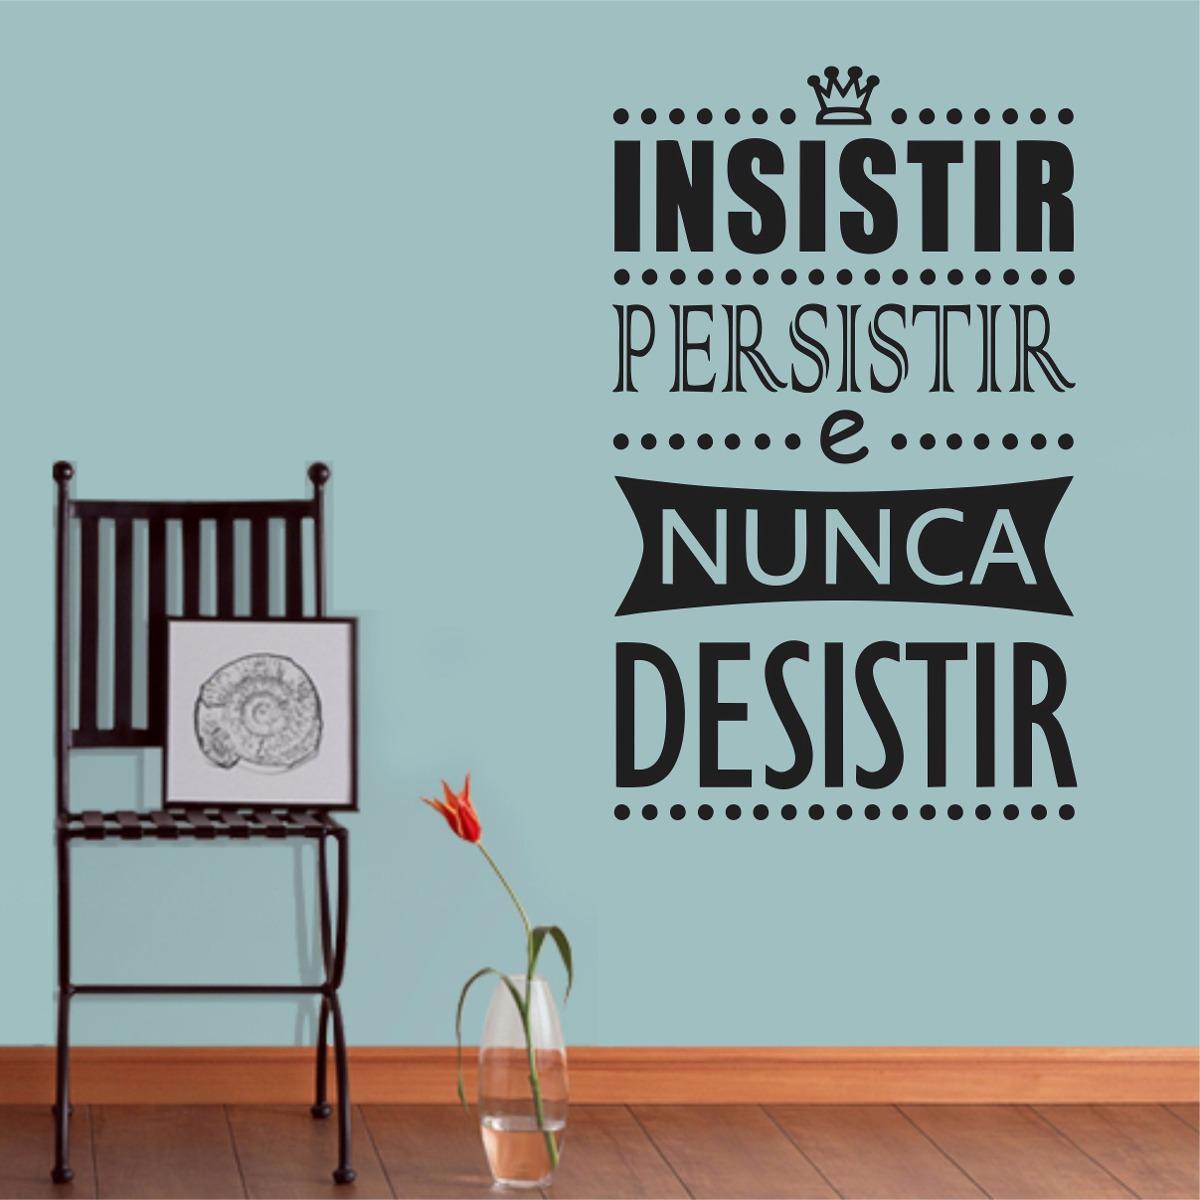 Adesivo Parede Frase Insistir Persistir Nunca Desistir Amor R 29